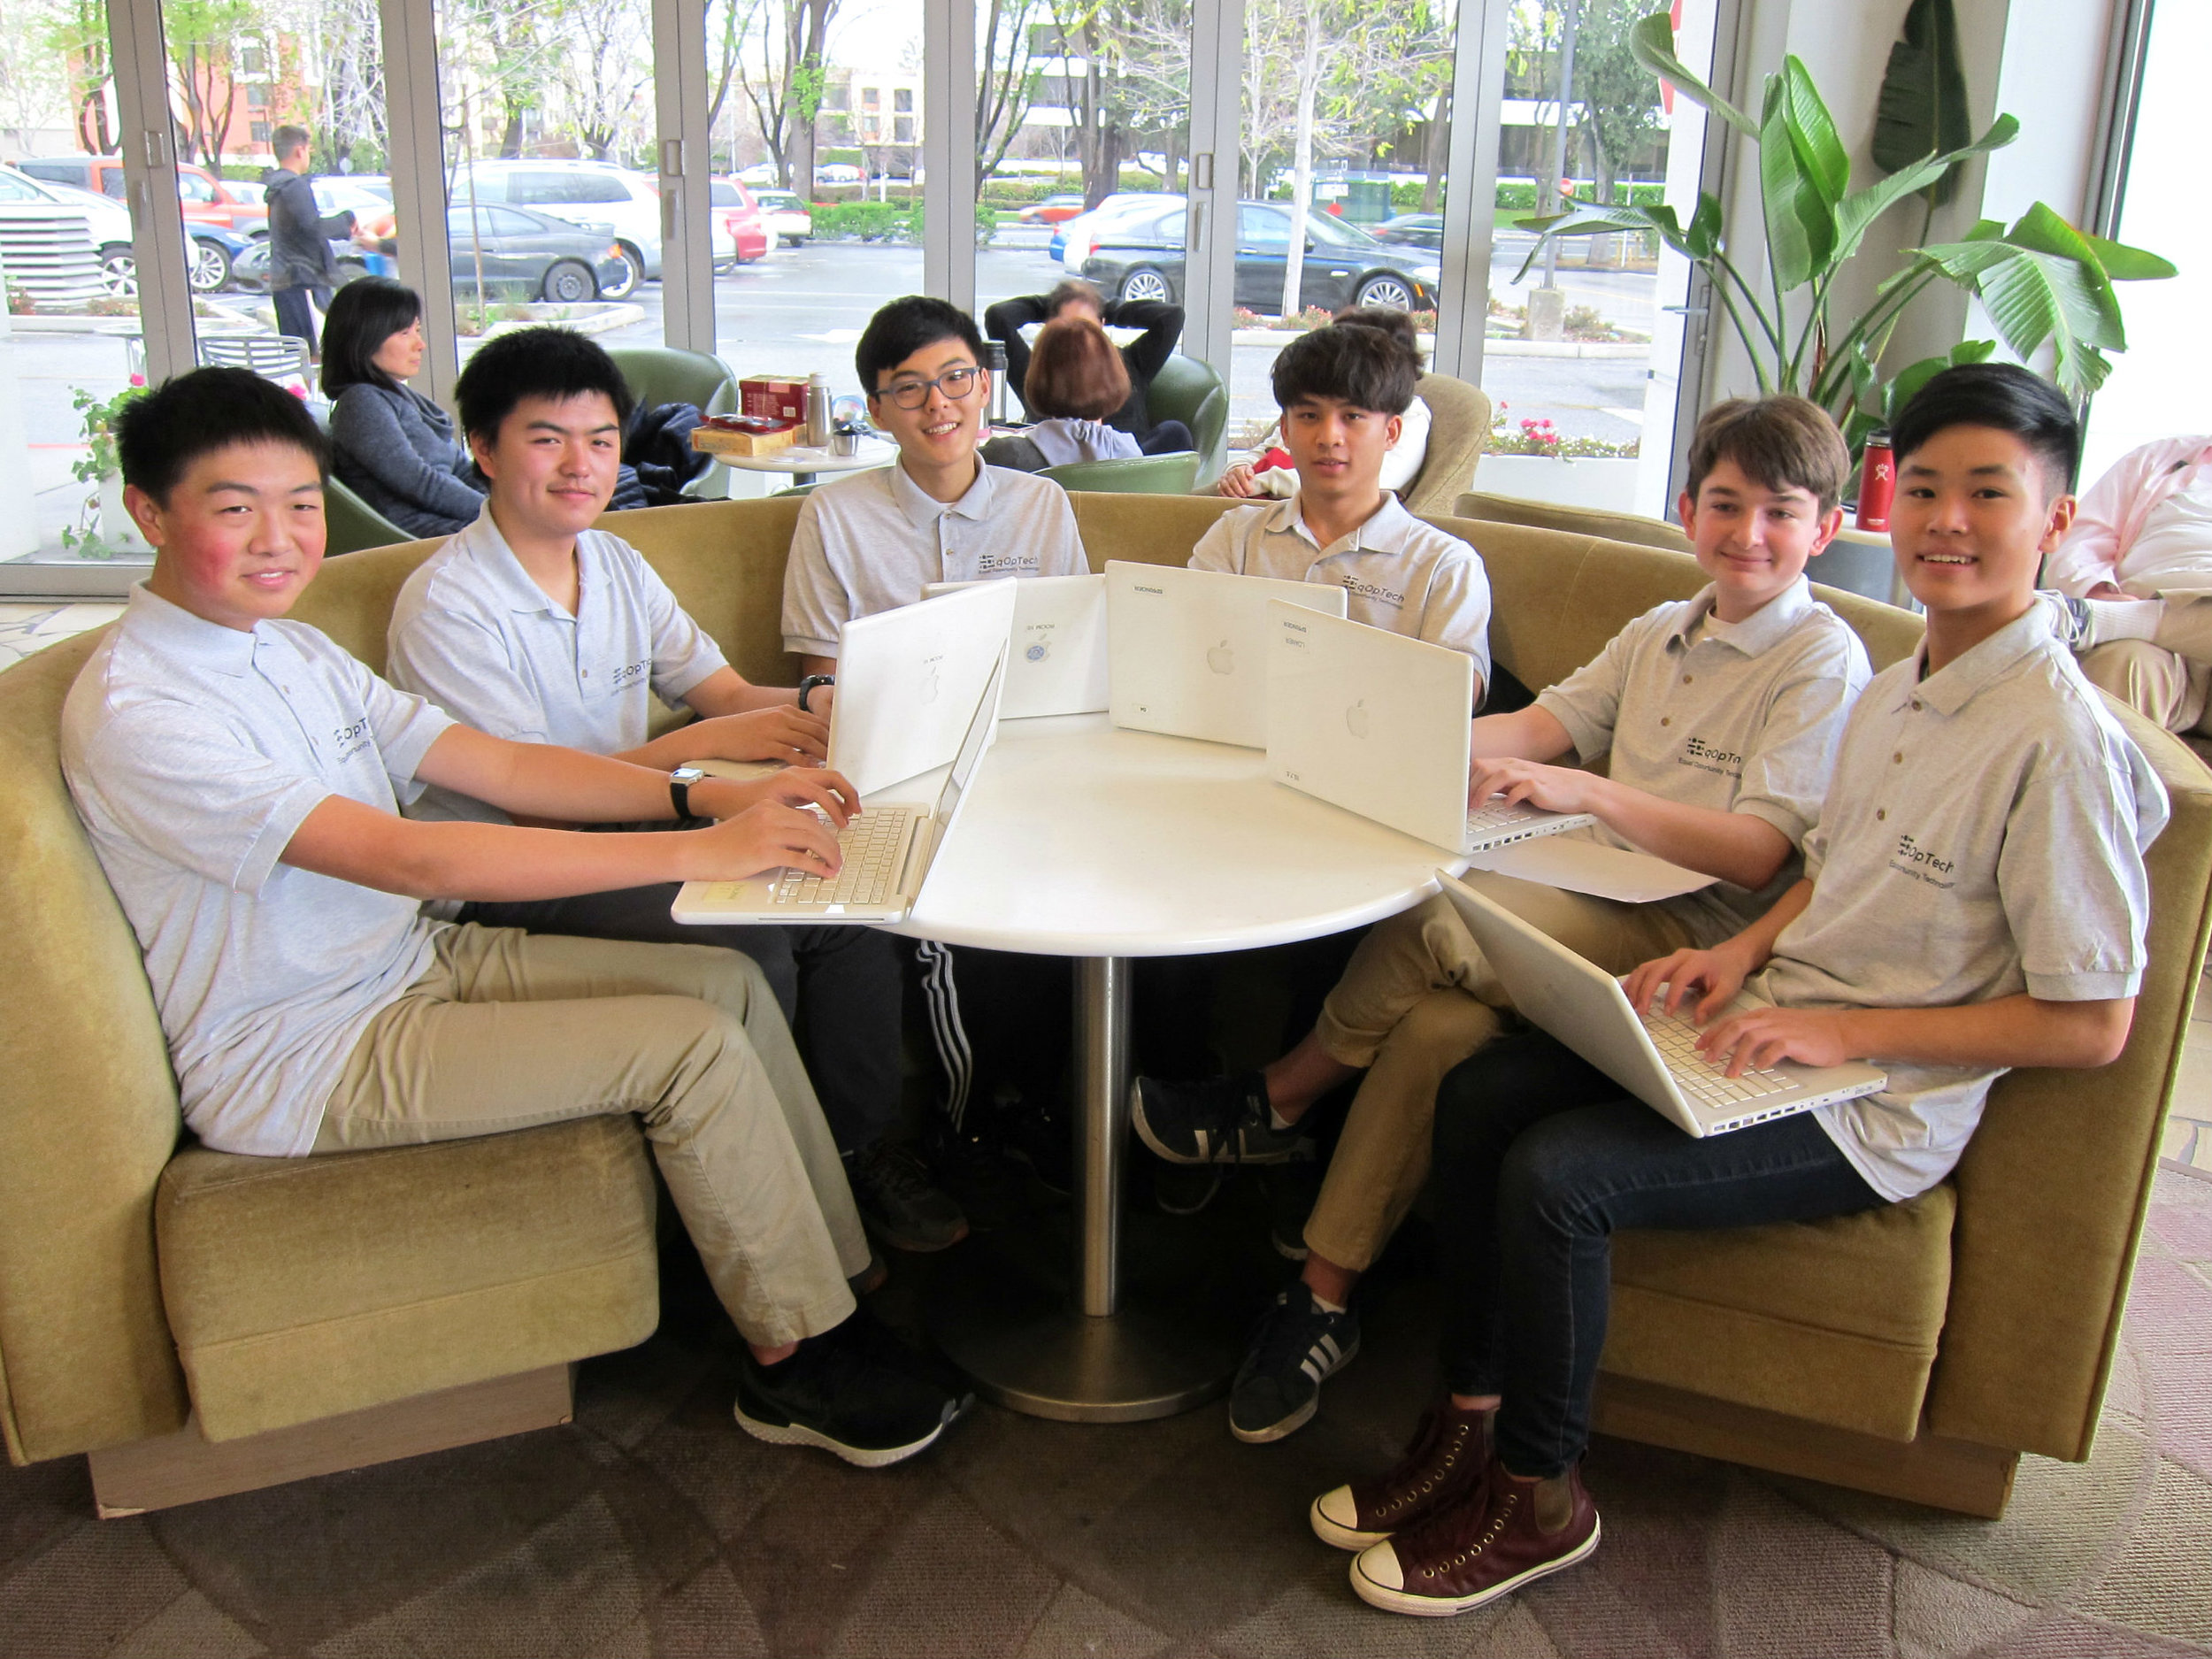 IMG_4528 (team pic med size).jpg